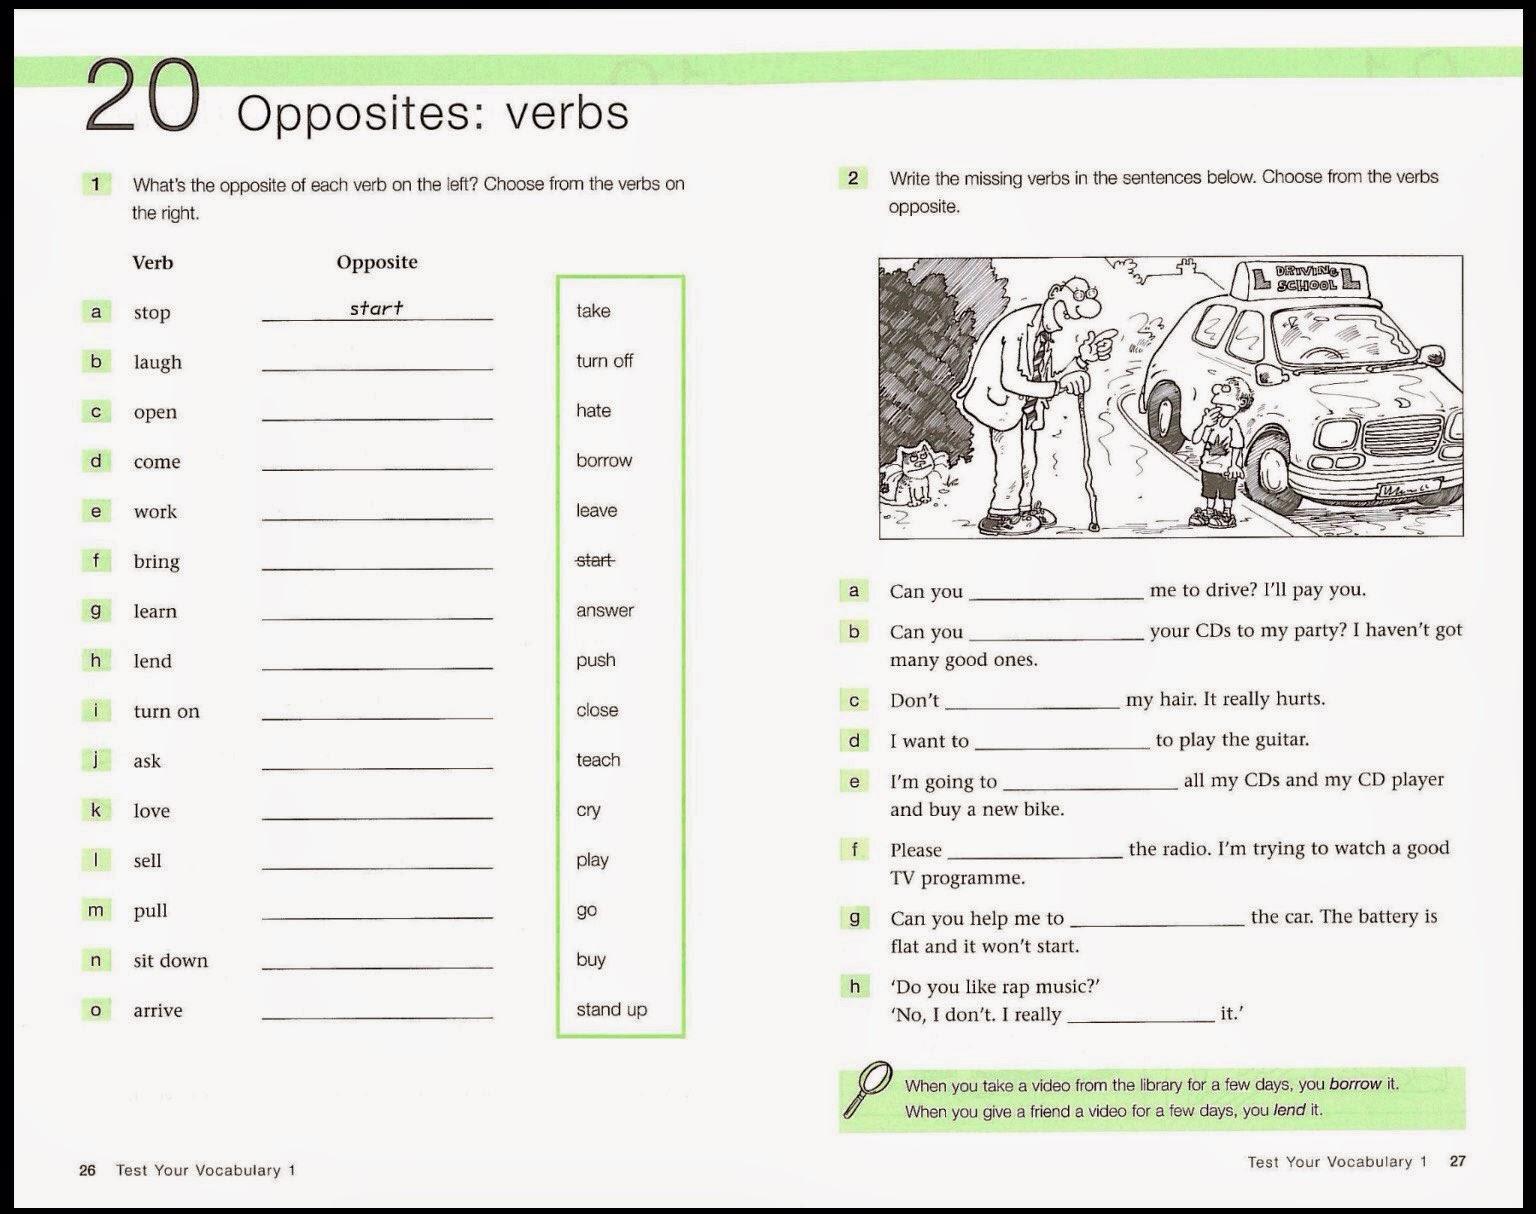 тест по английскому языку антонимы